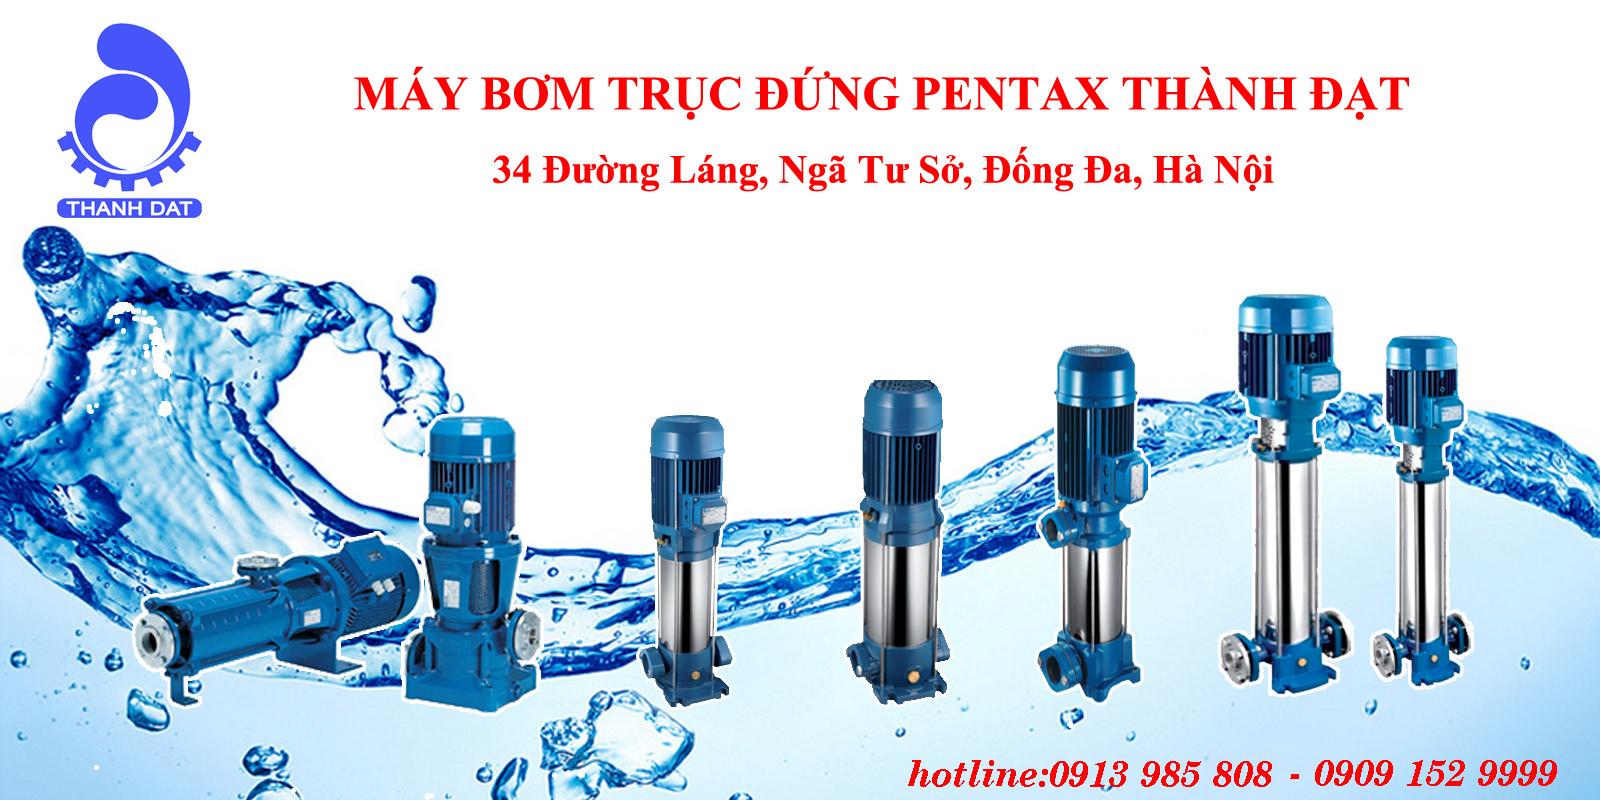 Cách bảo dưỡng bơm trục đứng Pentax